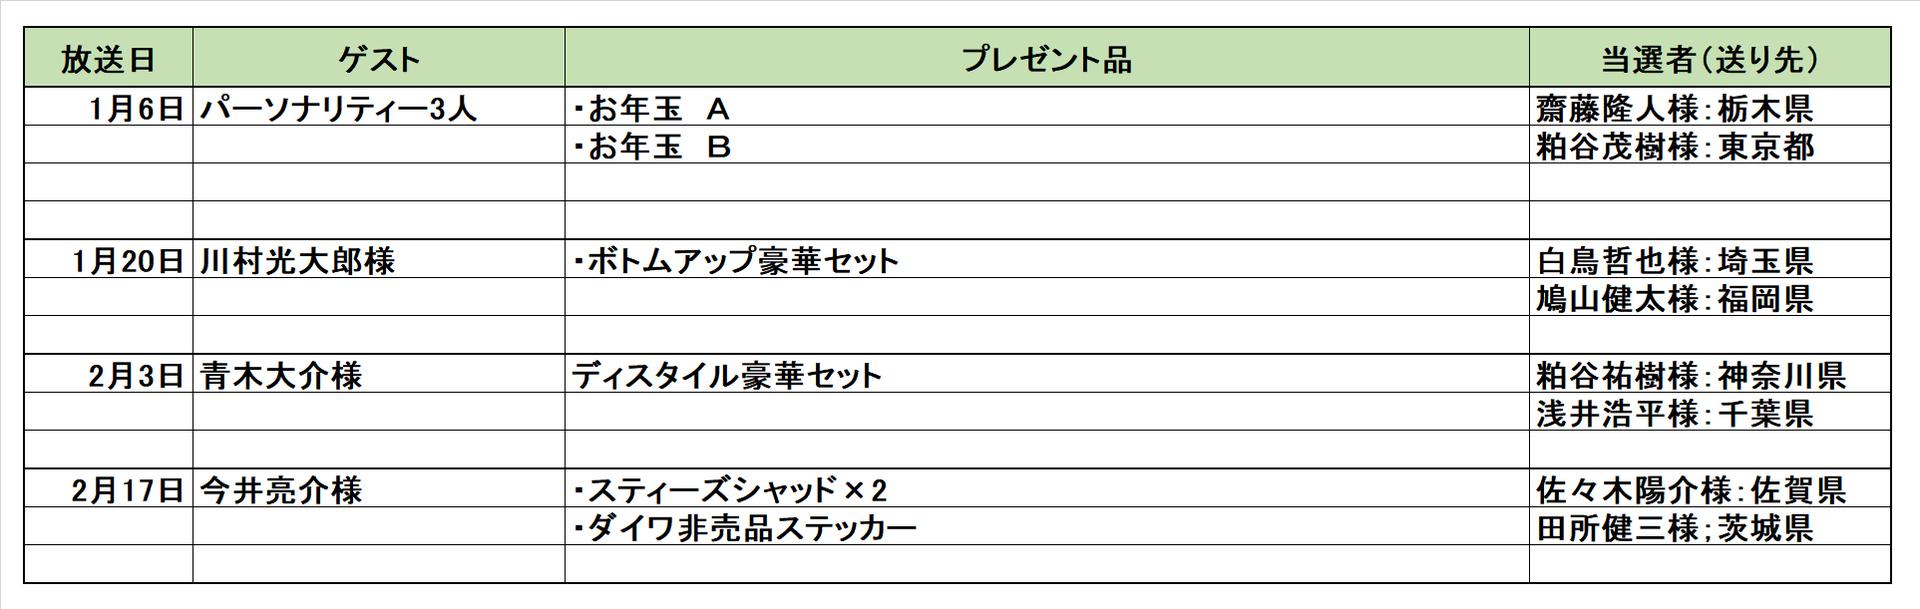 プレゼント1〜2月まで.jpg